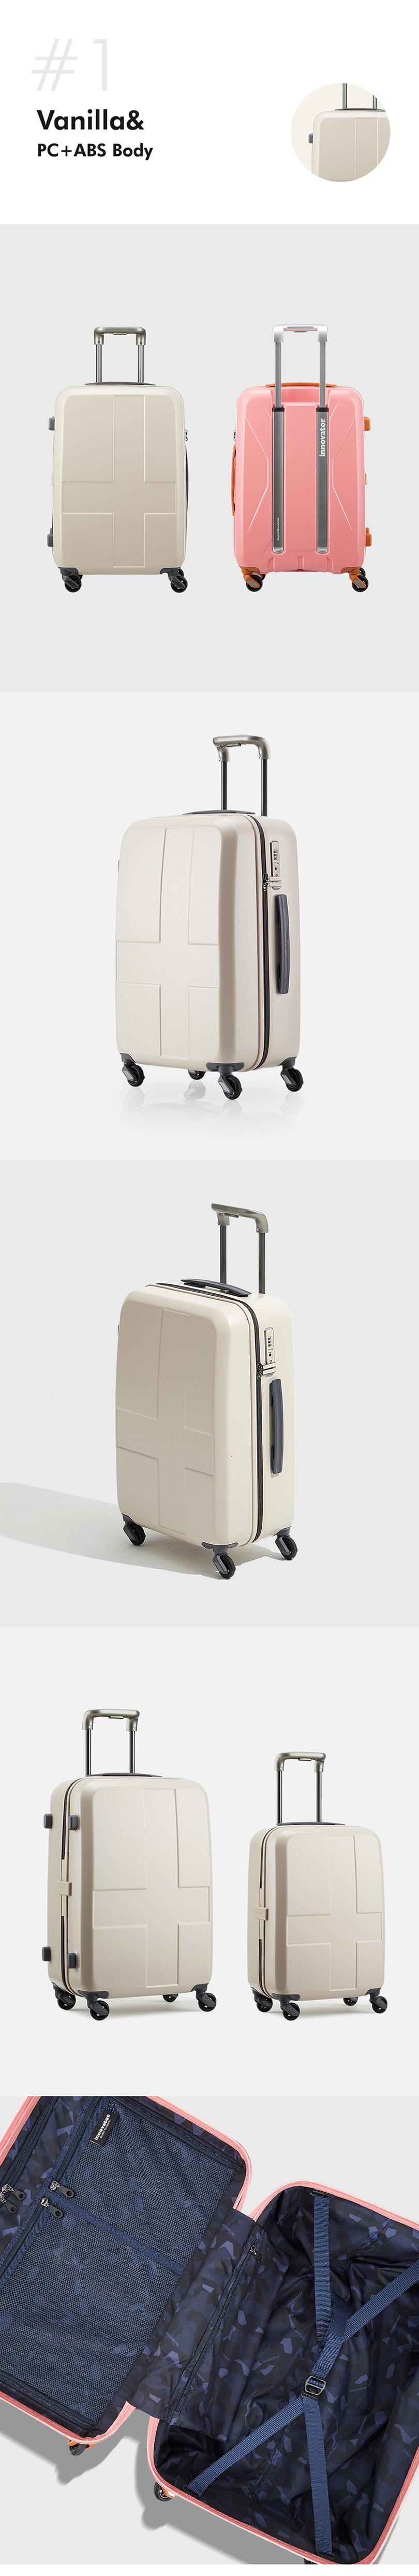 트리오 이노베이터 INV55 23인치 중형 여행용캐리어 여행가방 바닐라 - 트리오, 400,000원, 하드형, 대형(25형) 이상